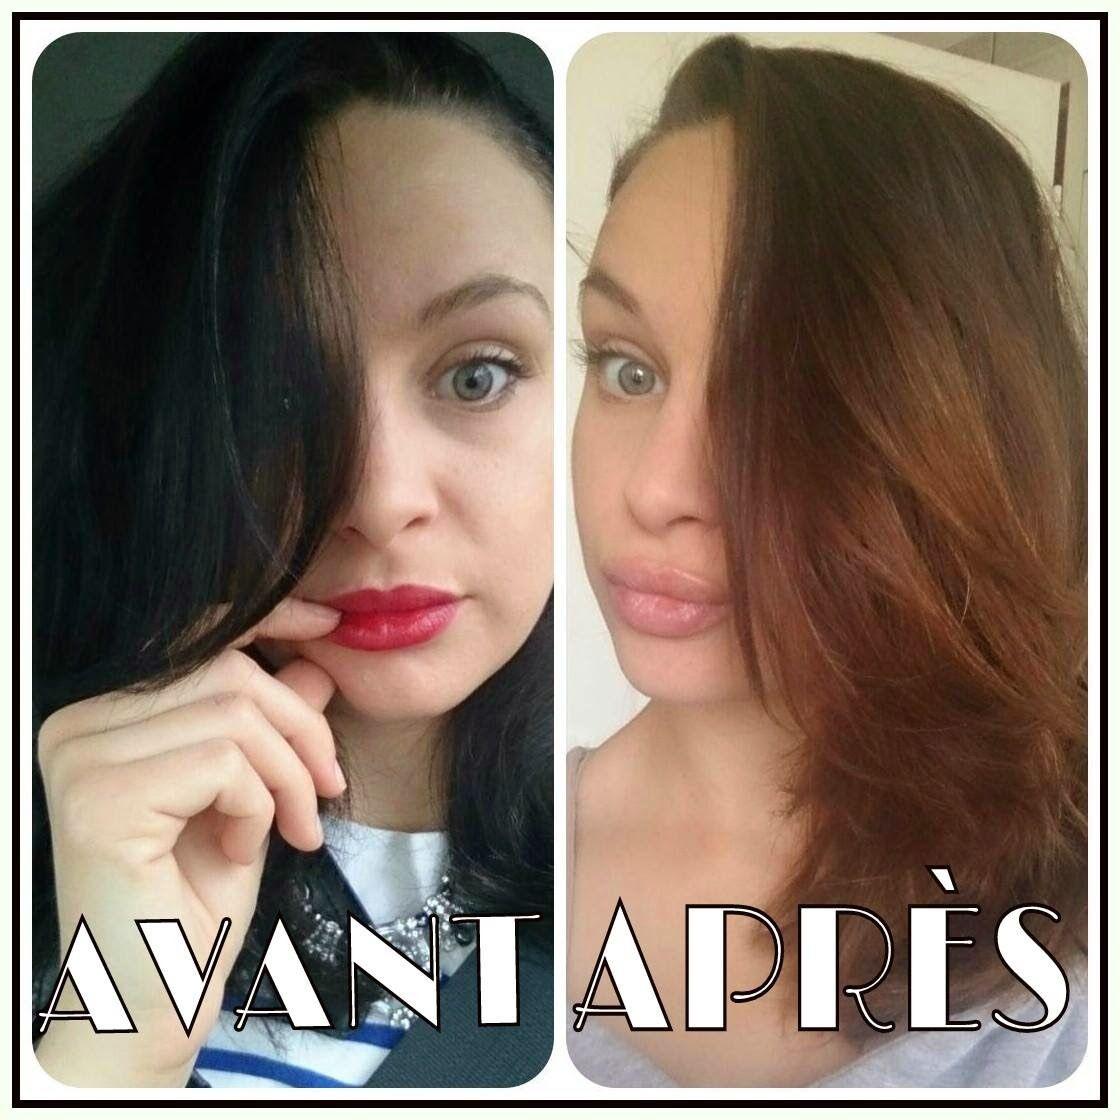 Mon petit secret pour retirer une coloration | Décoloration, Cheveux, Coloration cheveux